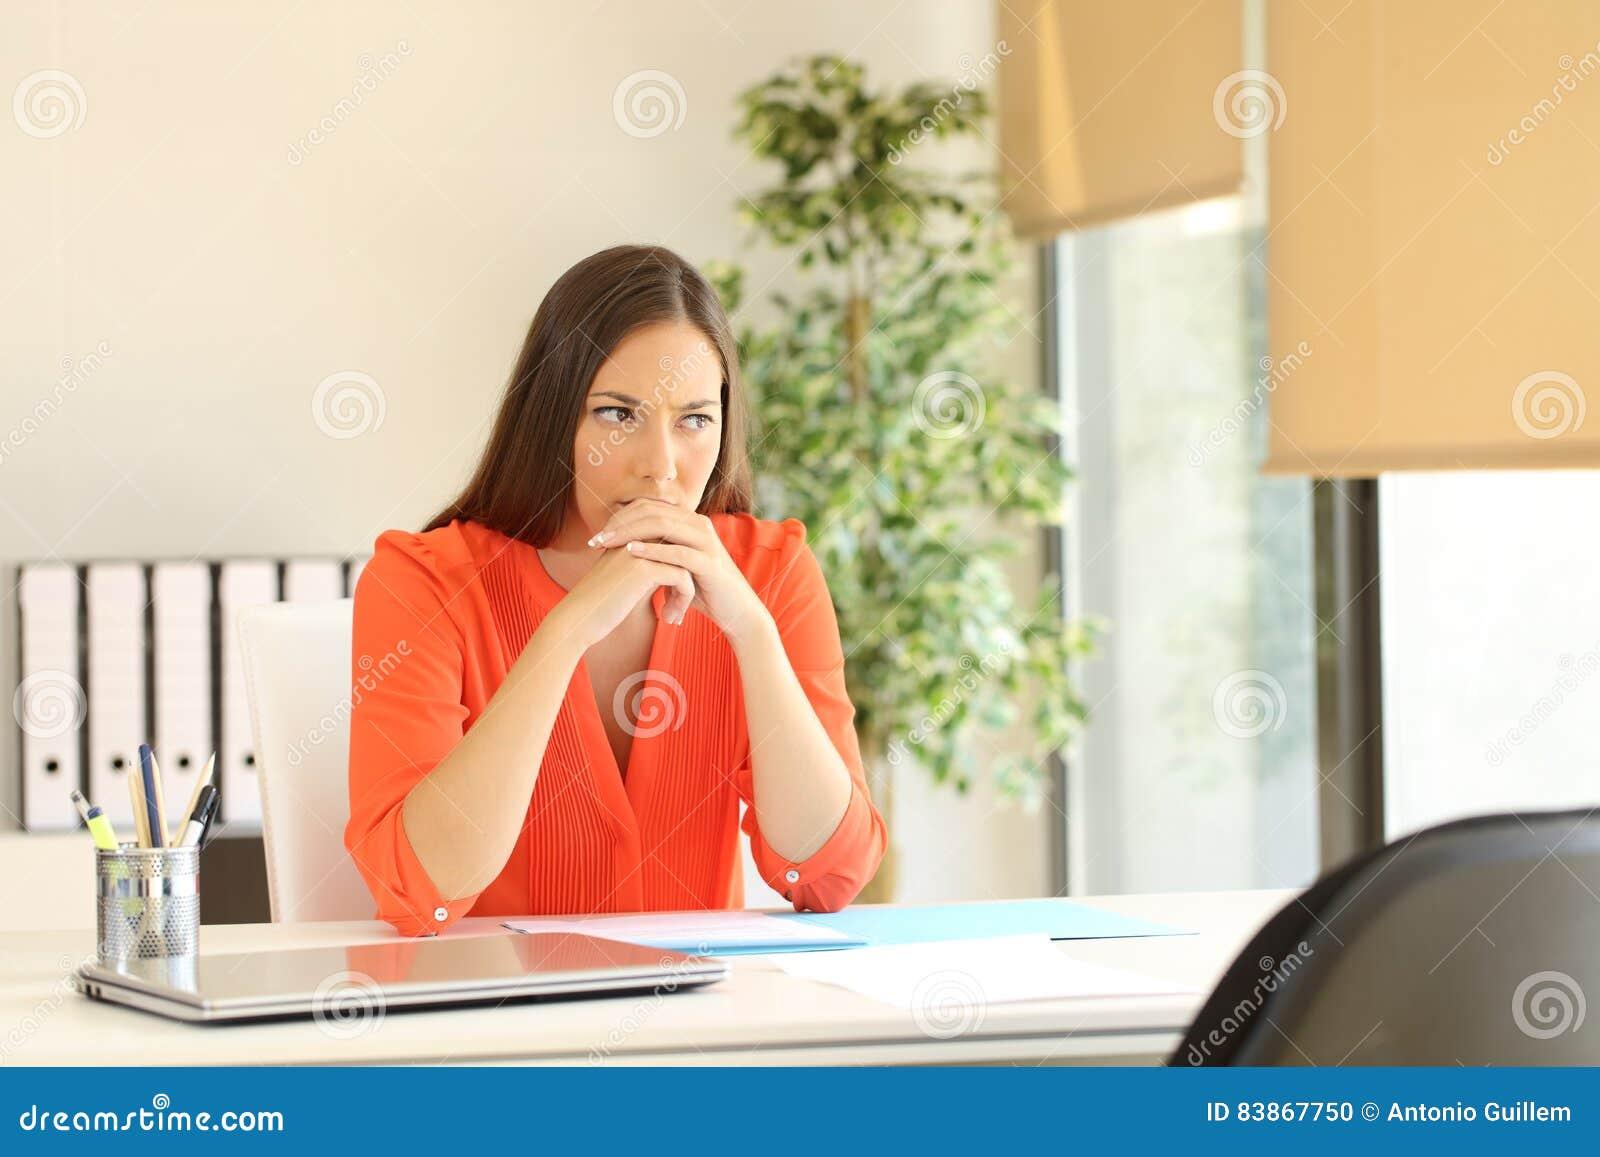 Rozważny kobiety czekanie dla akcydensowego wywiadu